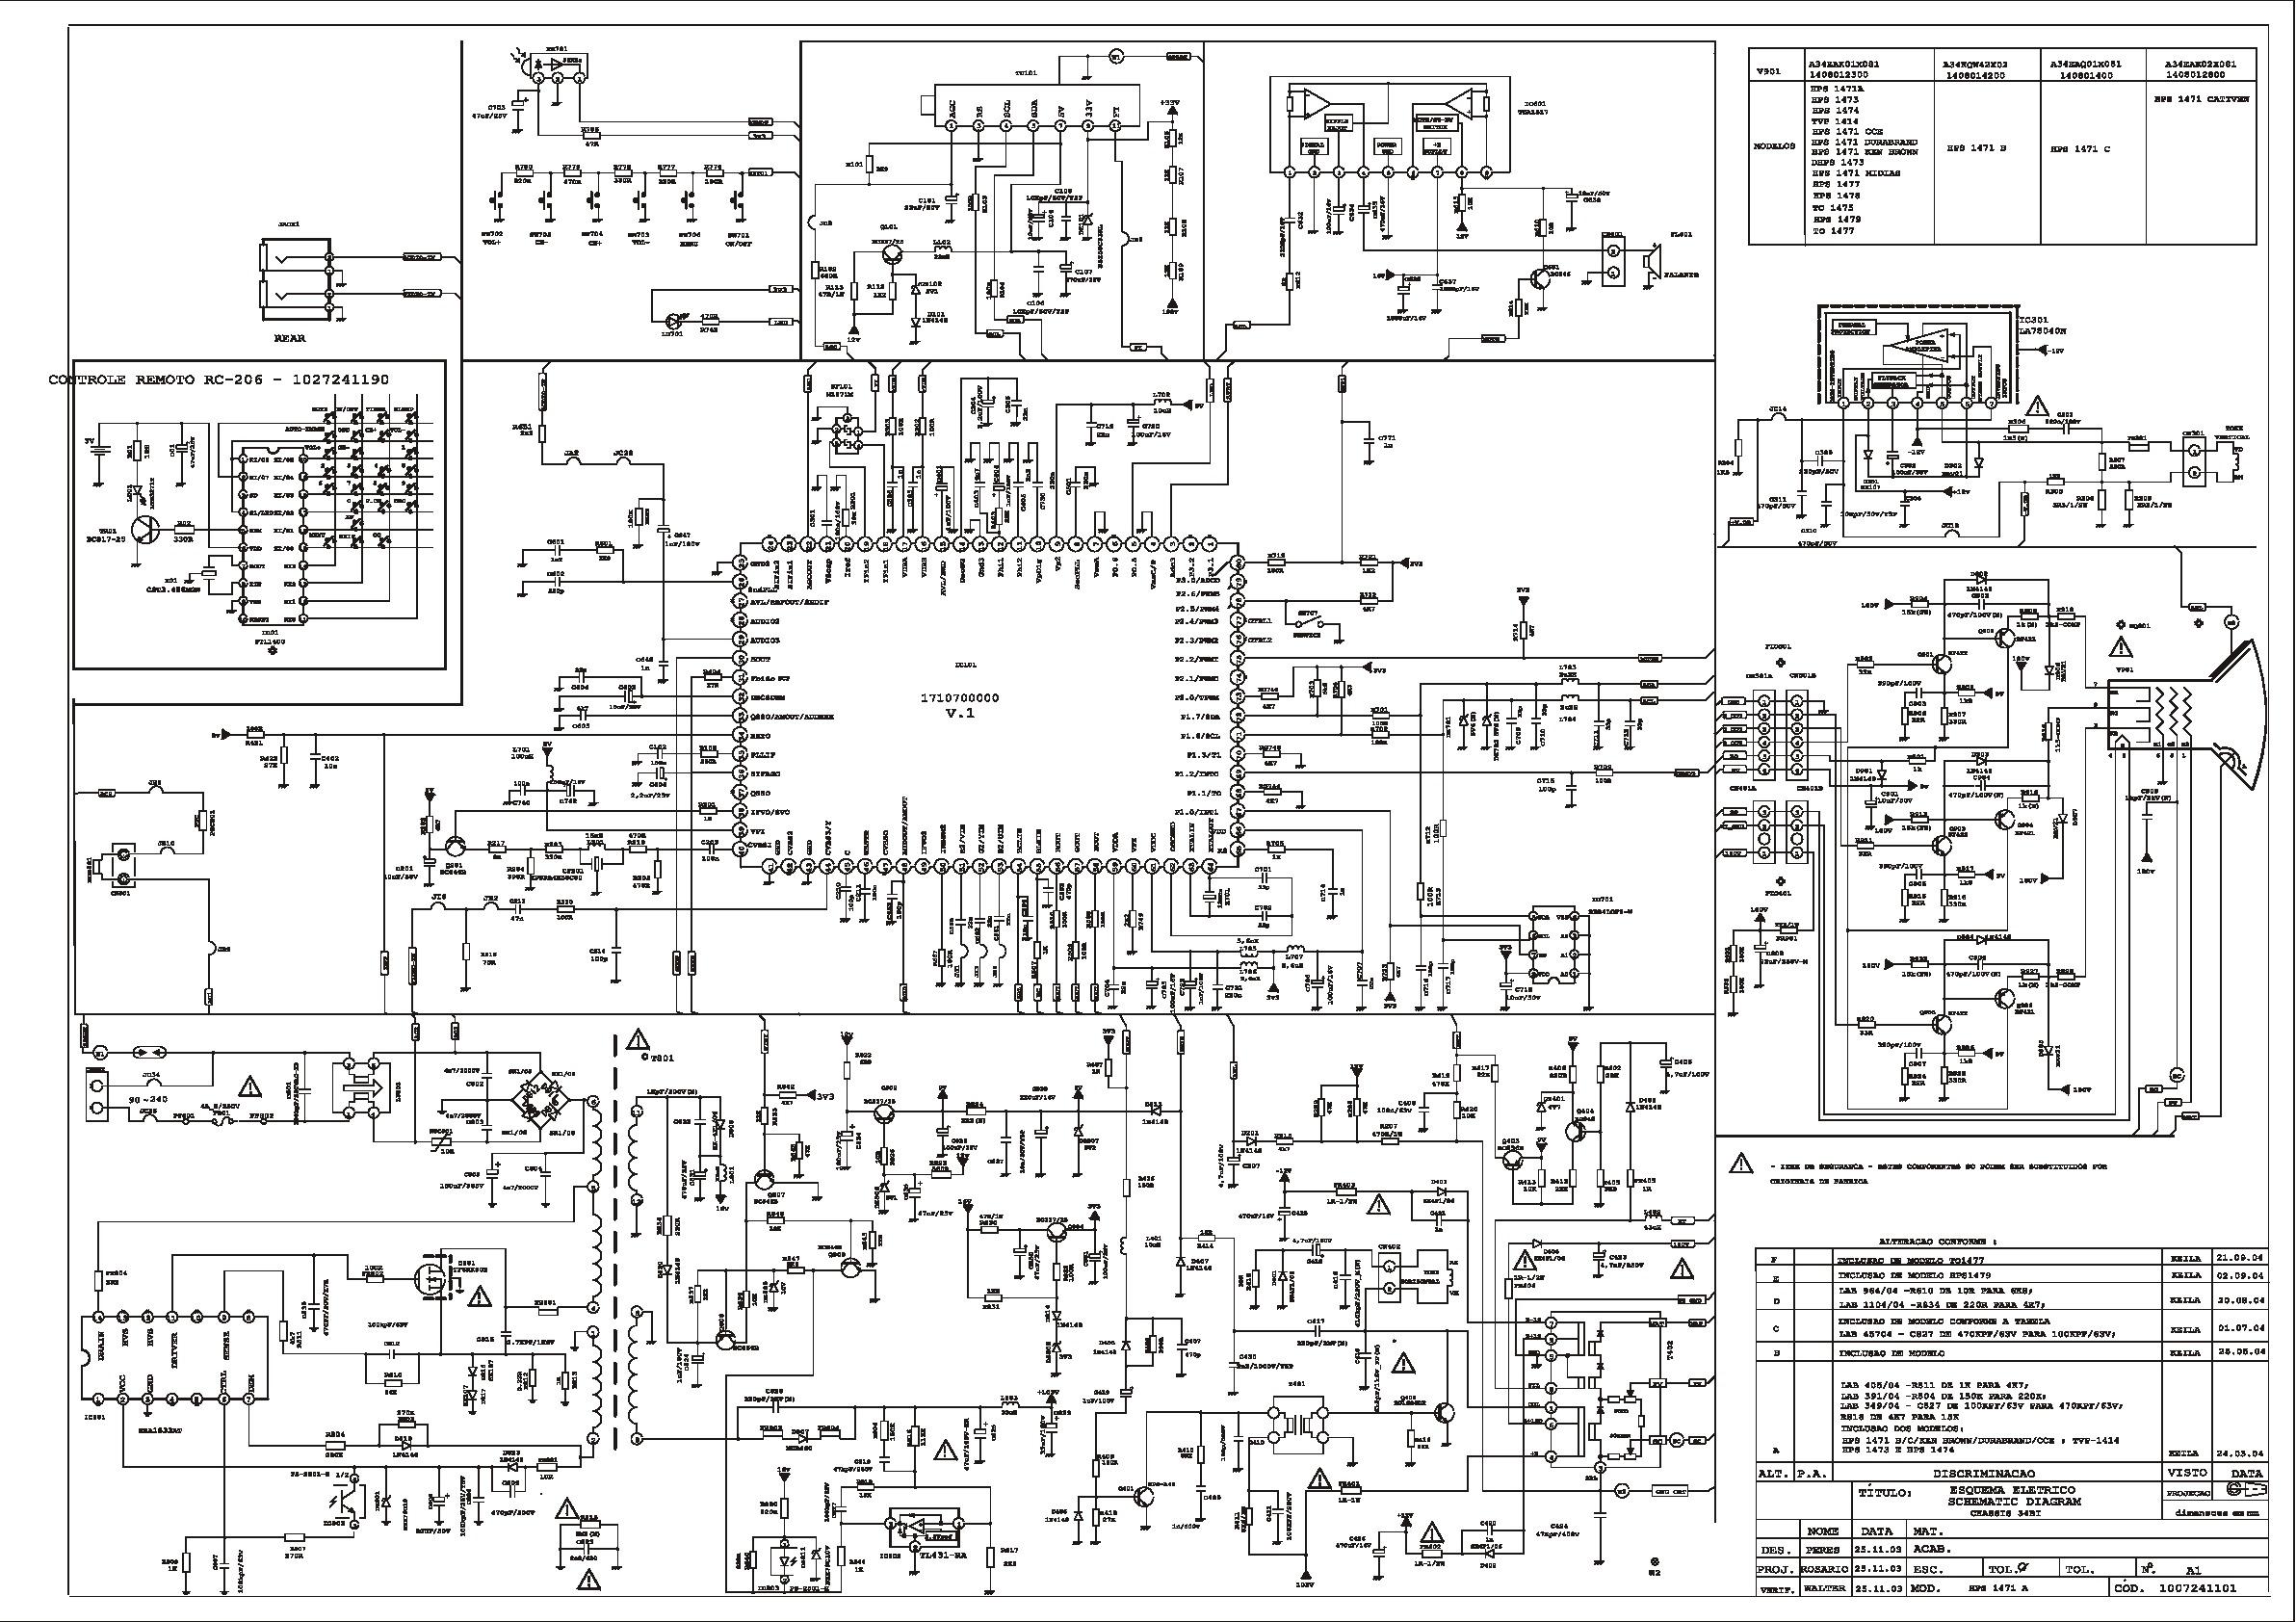 cce cce hps 1471a cce hps 1471a pdf diagramas de